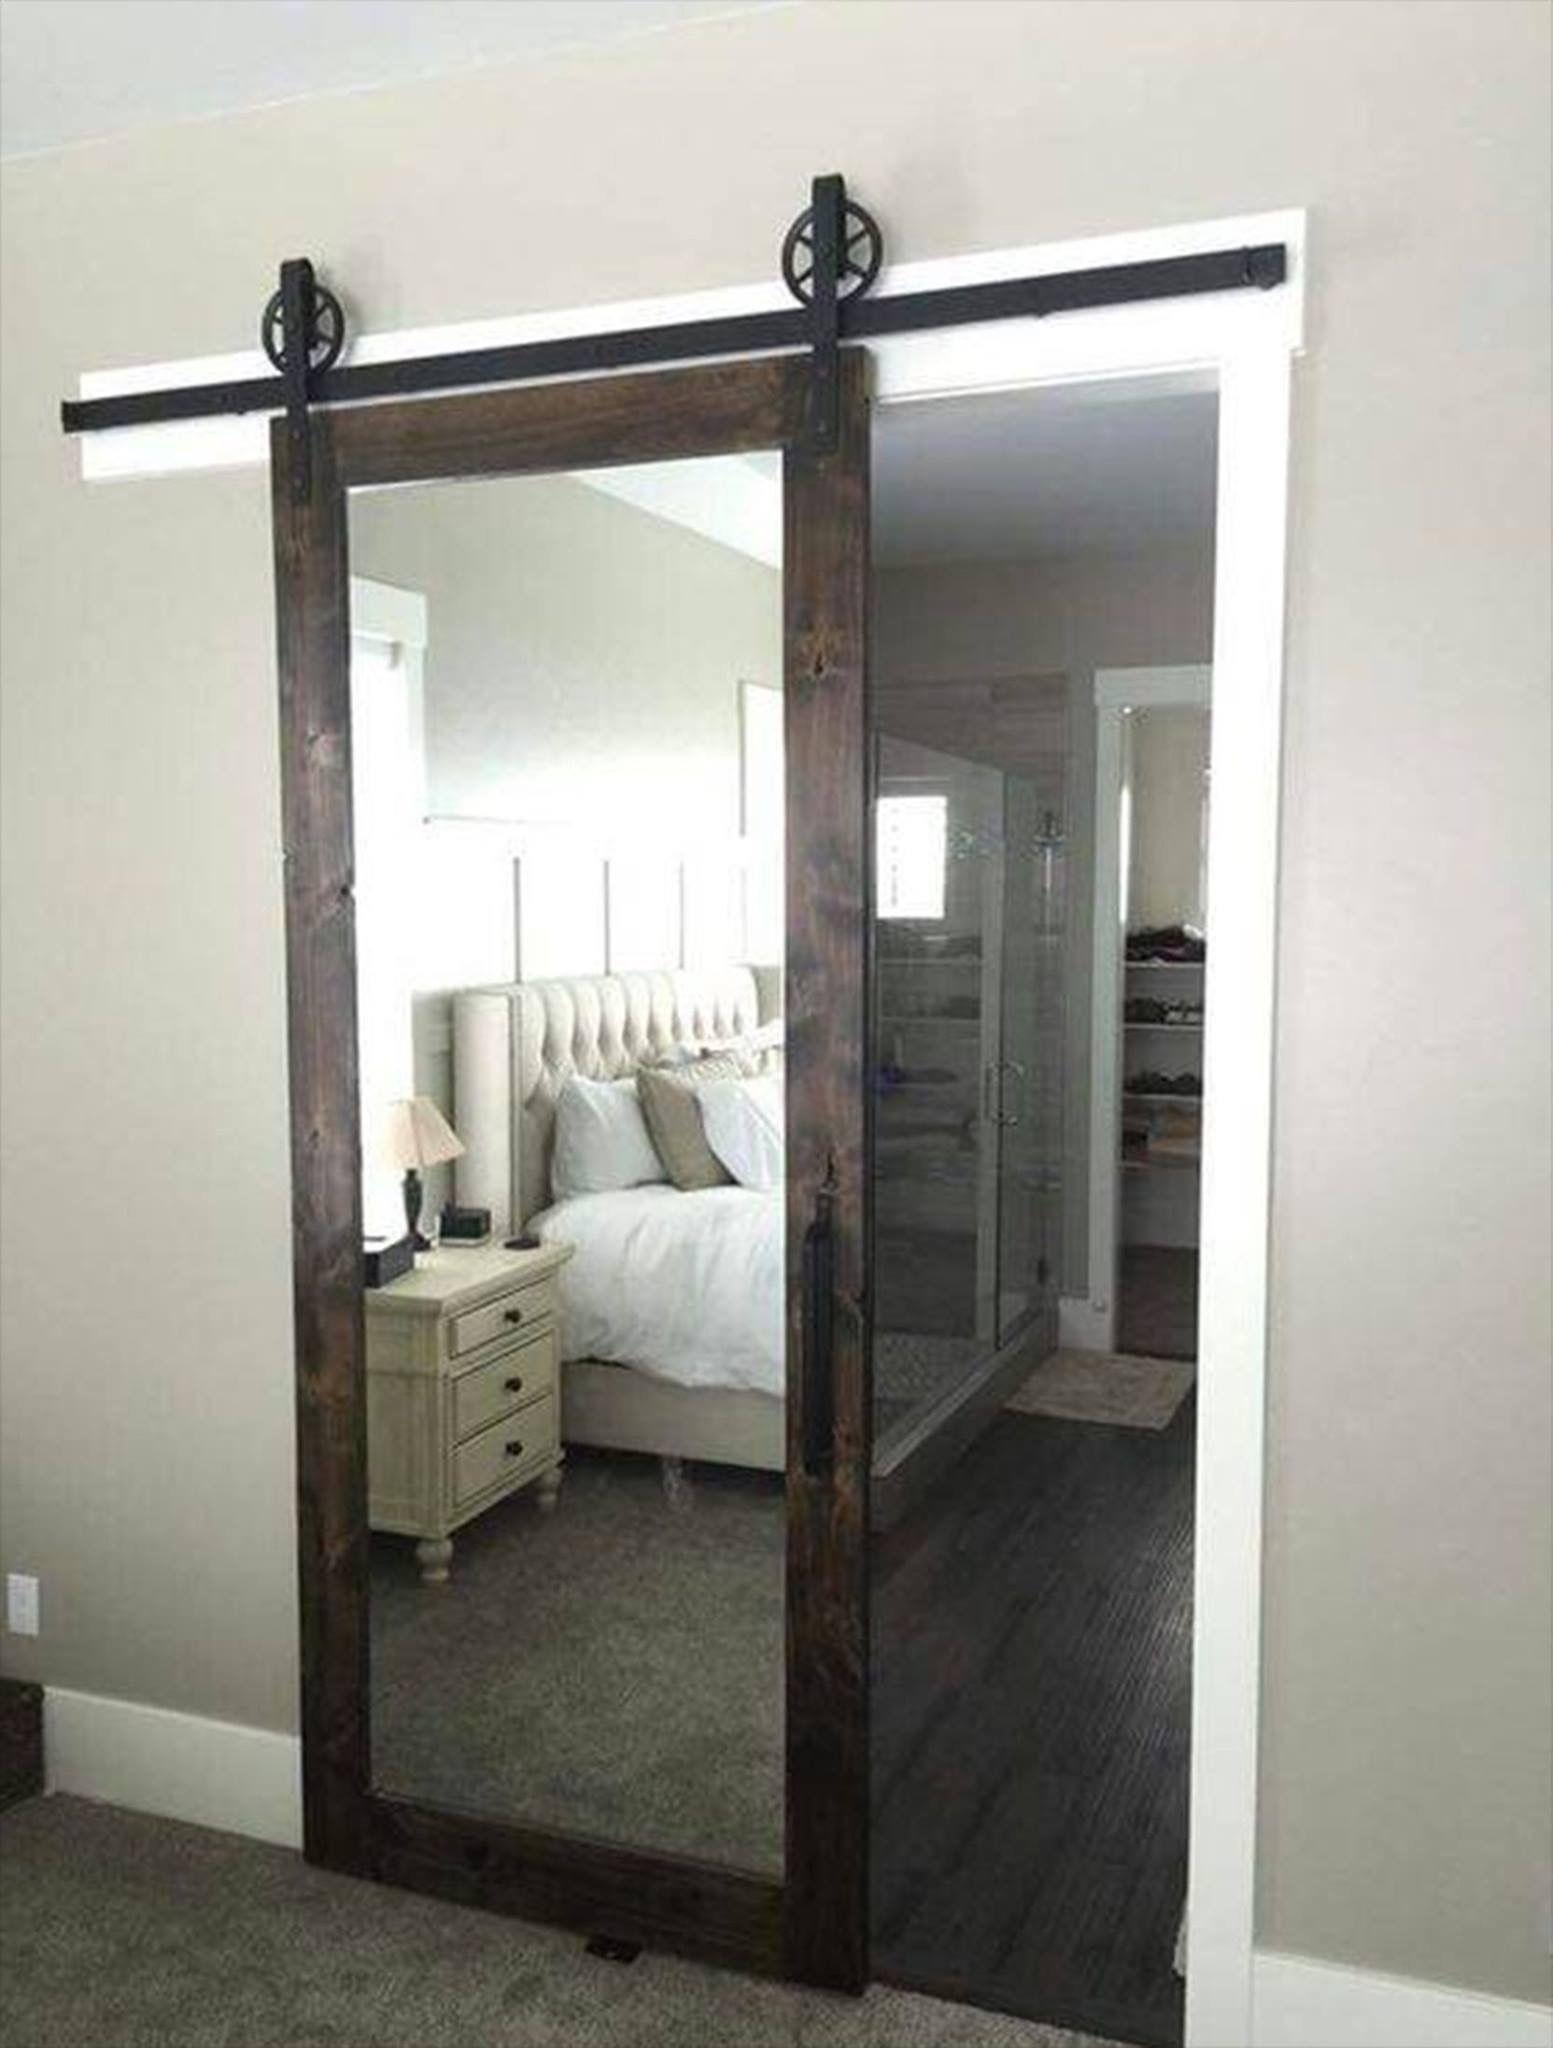 Mirrored Barn Door Remodel Bedroom Home Bedroom Bedroom Makeover